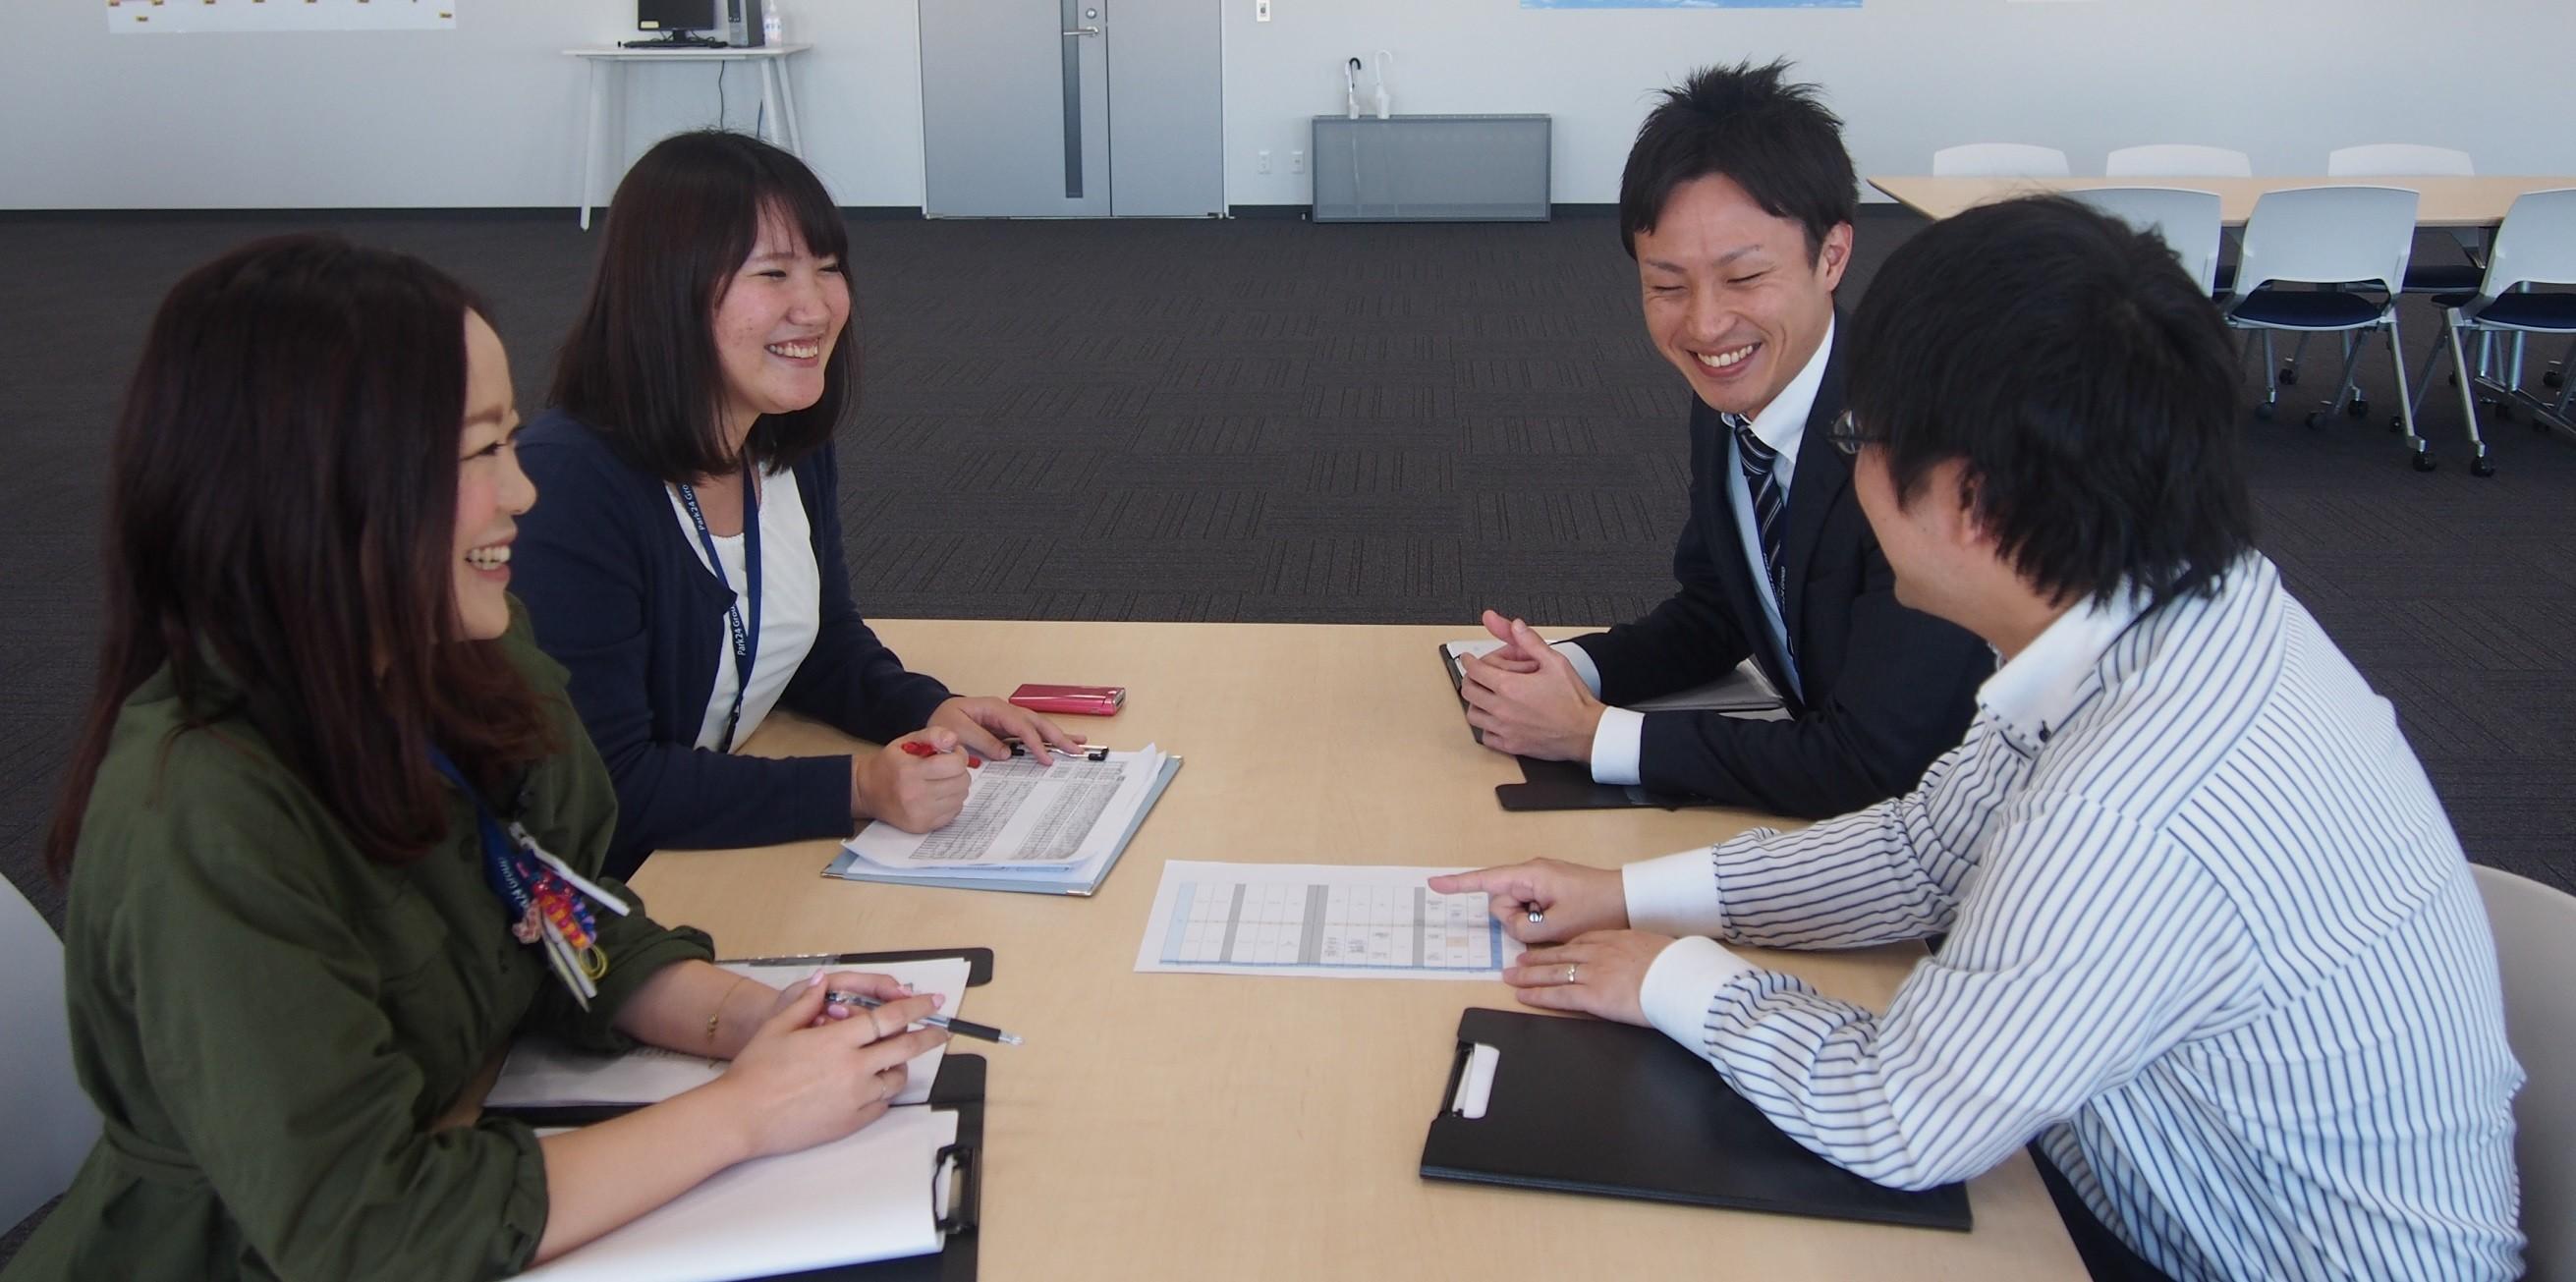 タイムズコミュニケーション株式会社 コンタクトセンター運営部 広島 のアルバイト情報